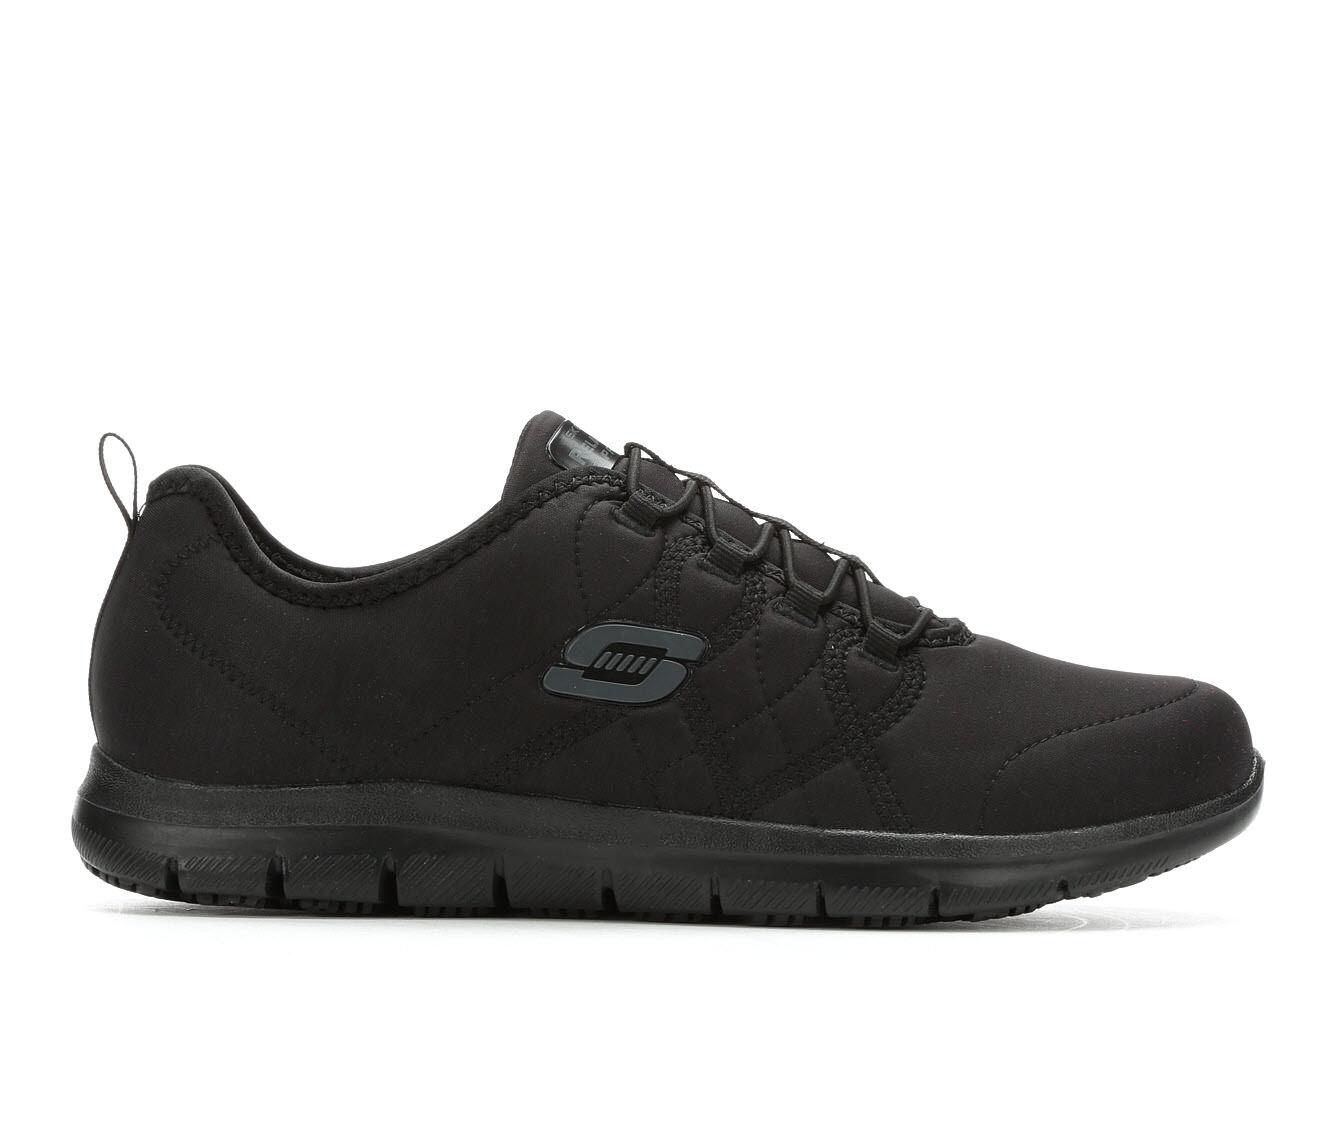 Women's Skechers Work 77211 Srelt Slip-Resistant Shoes Black